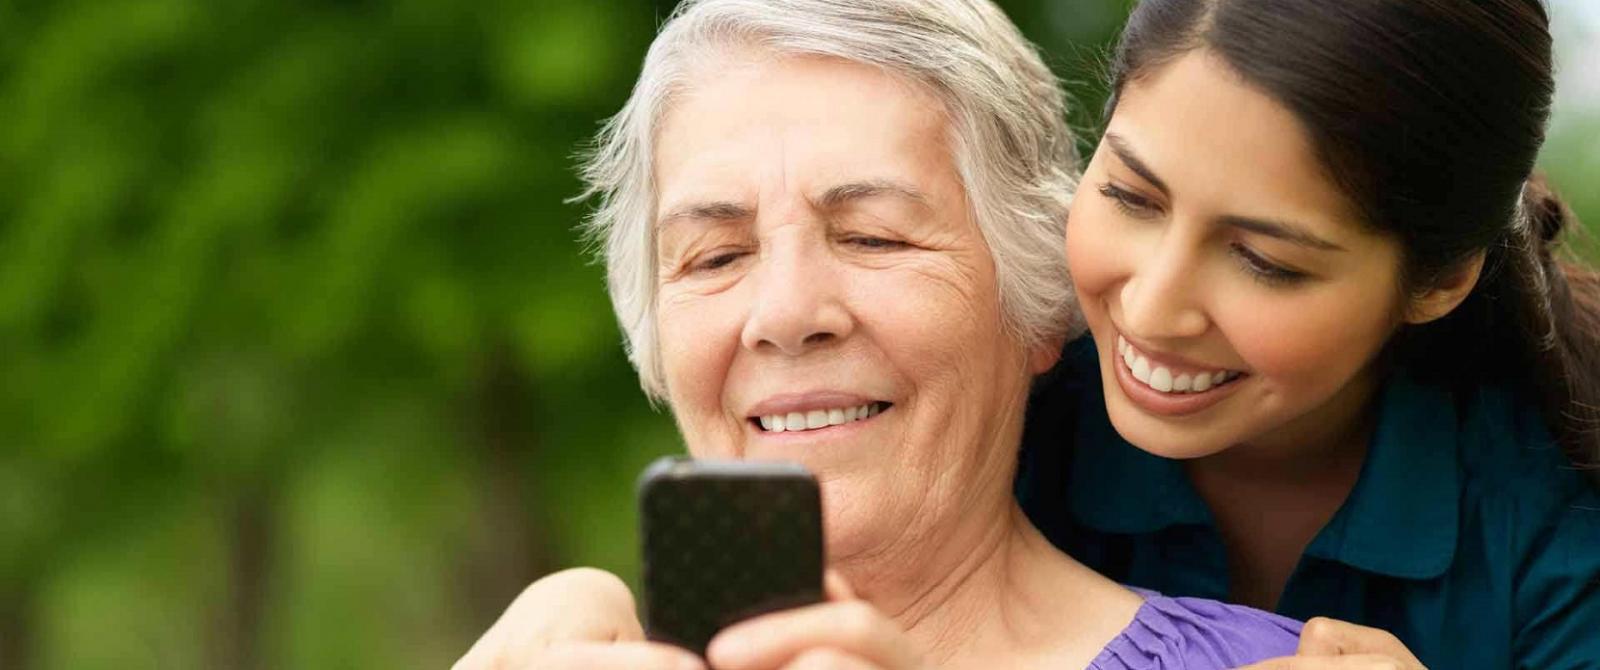 Anciá usando un smartphone e unha rapaza nova detrás dela.